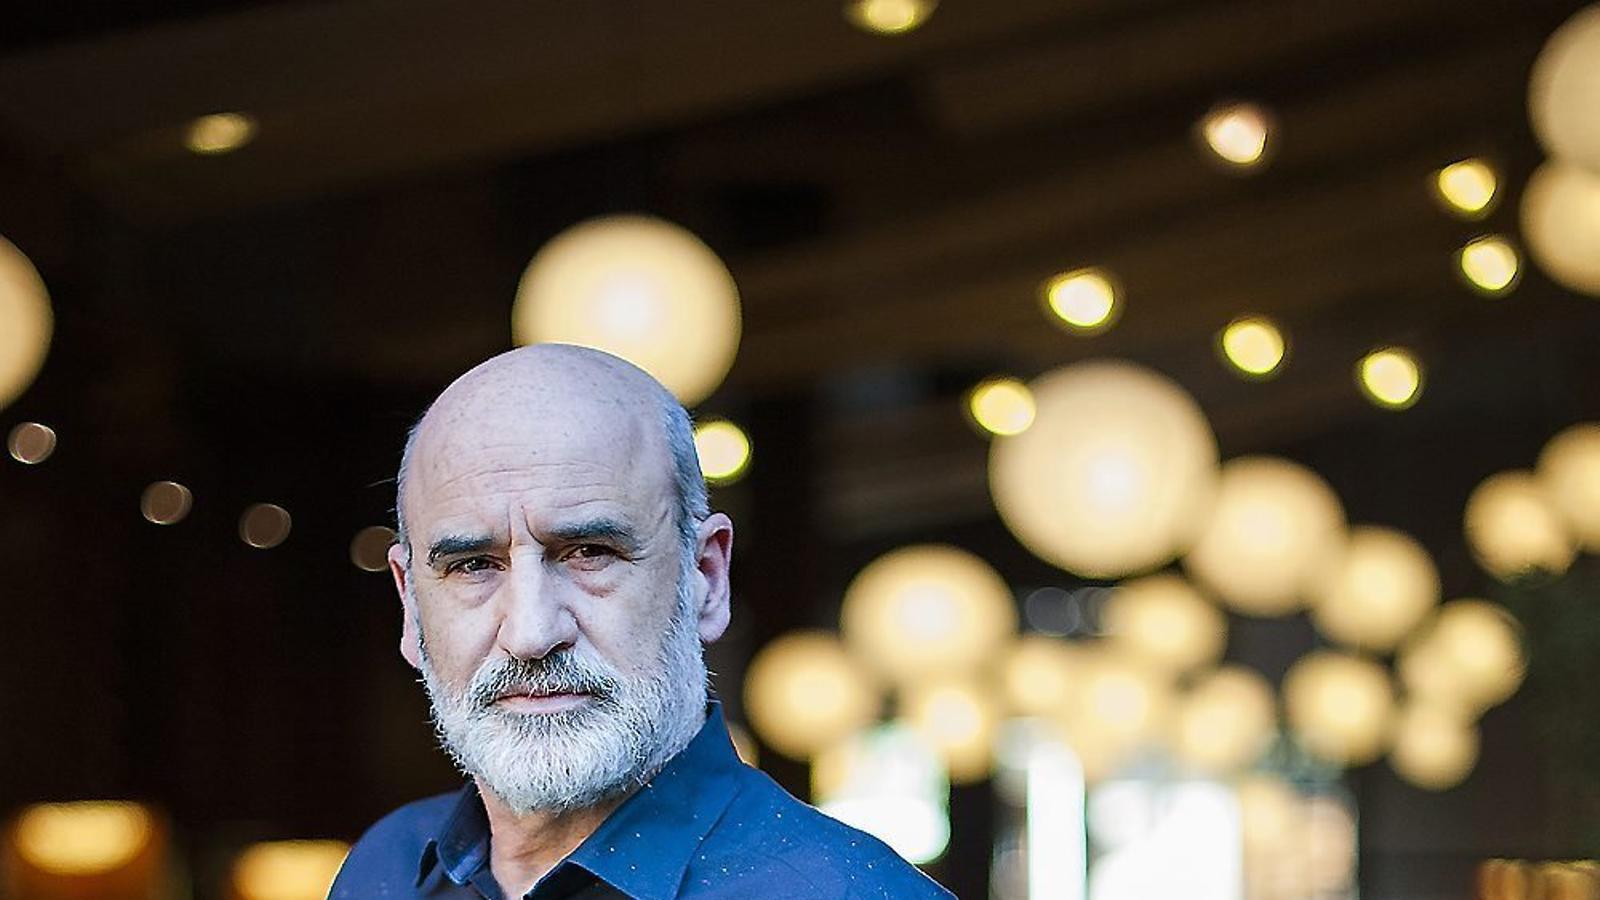 L'adaptació de 'Patria' serà la primera sèrie espanyola de la HBO